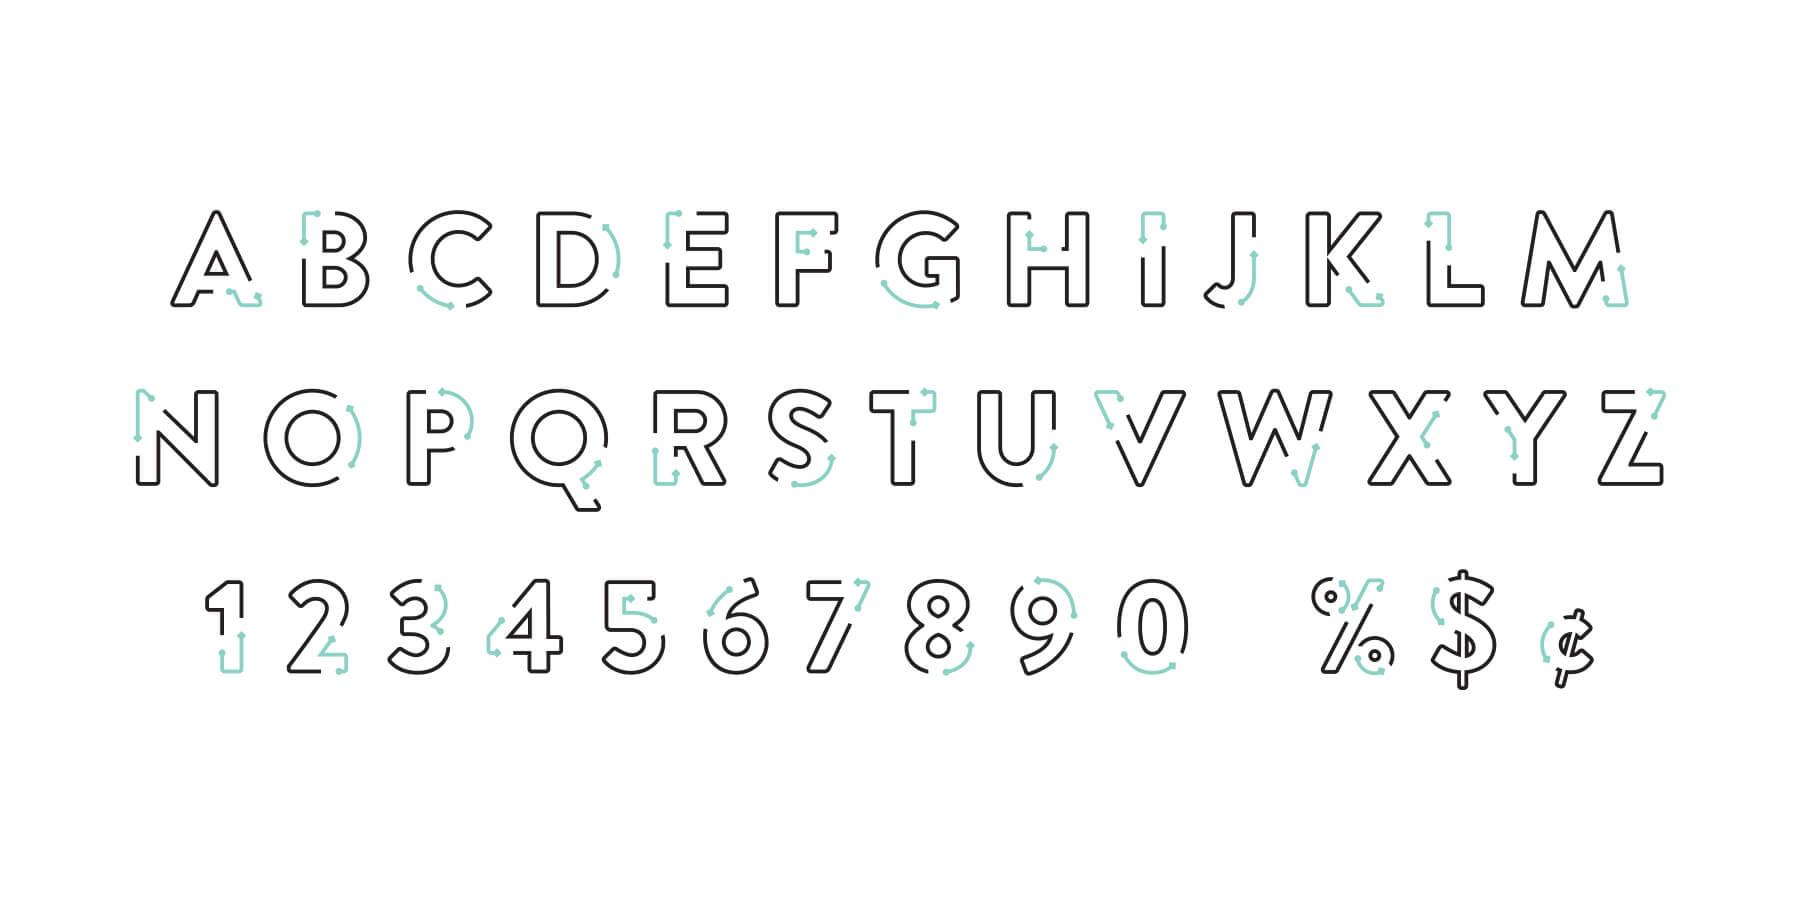 MJK_ThreePercent_Alphabet